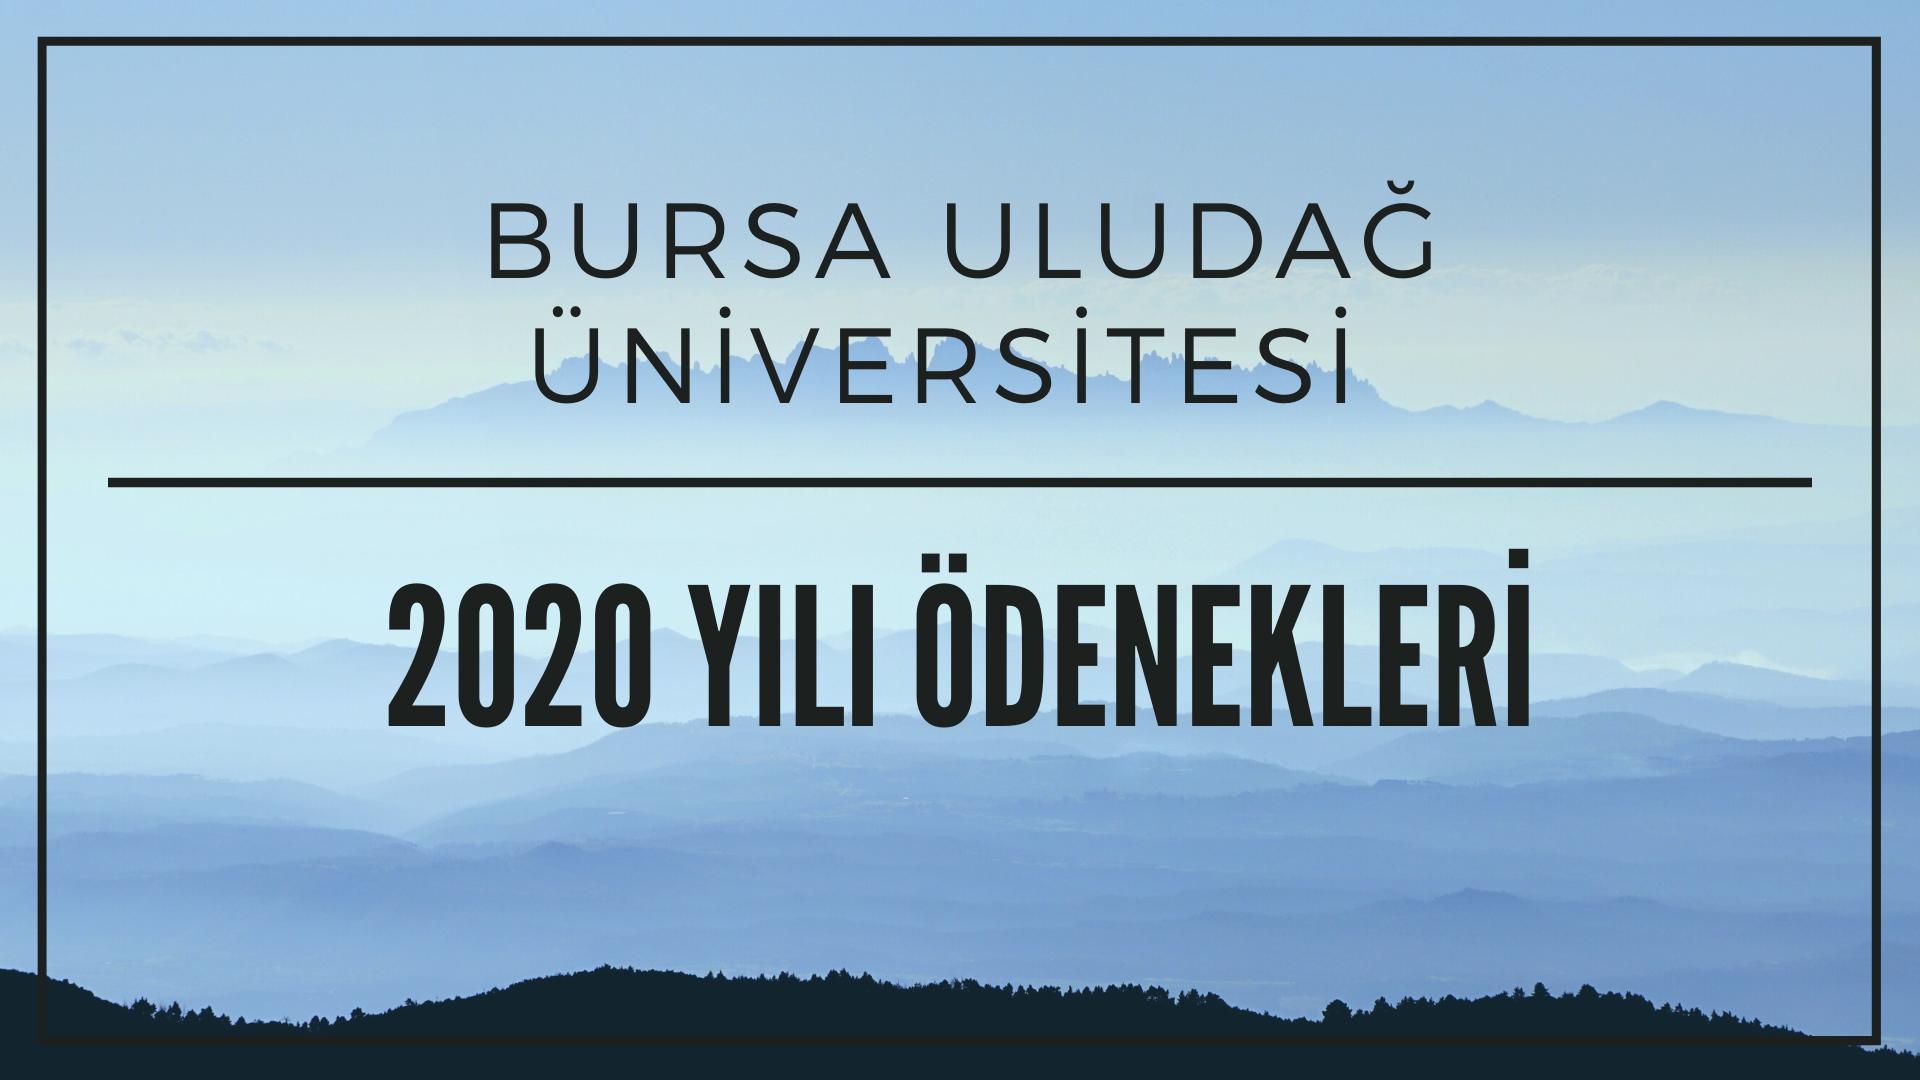 Bursa Uludağ Üniversitesi 2020 Yılı Başlangıç Ödenekleri